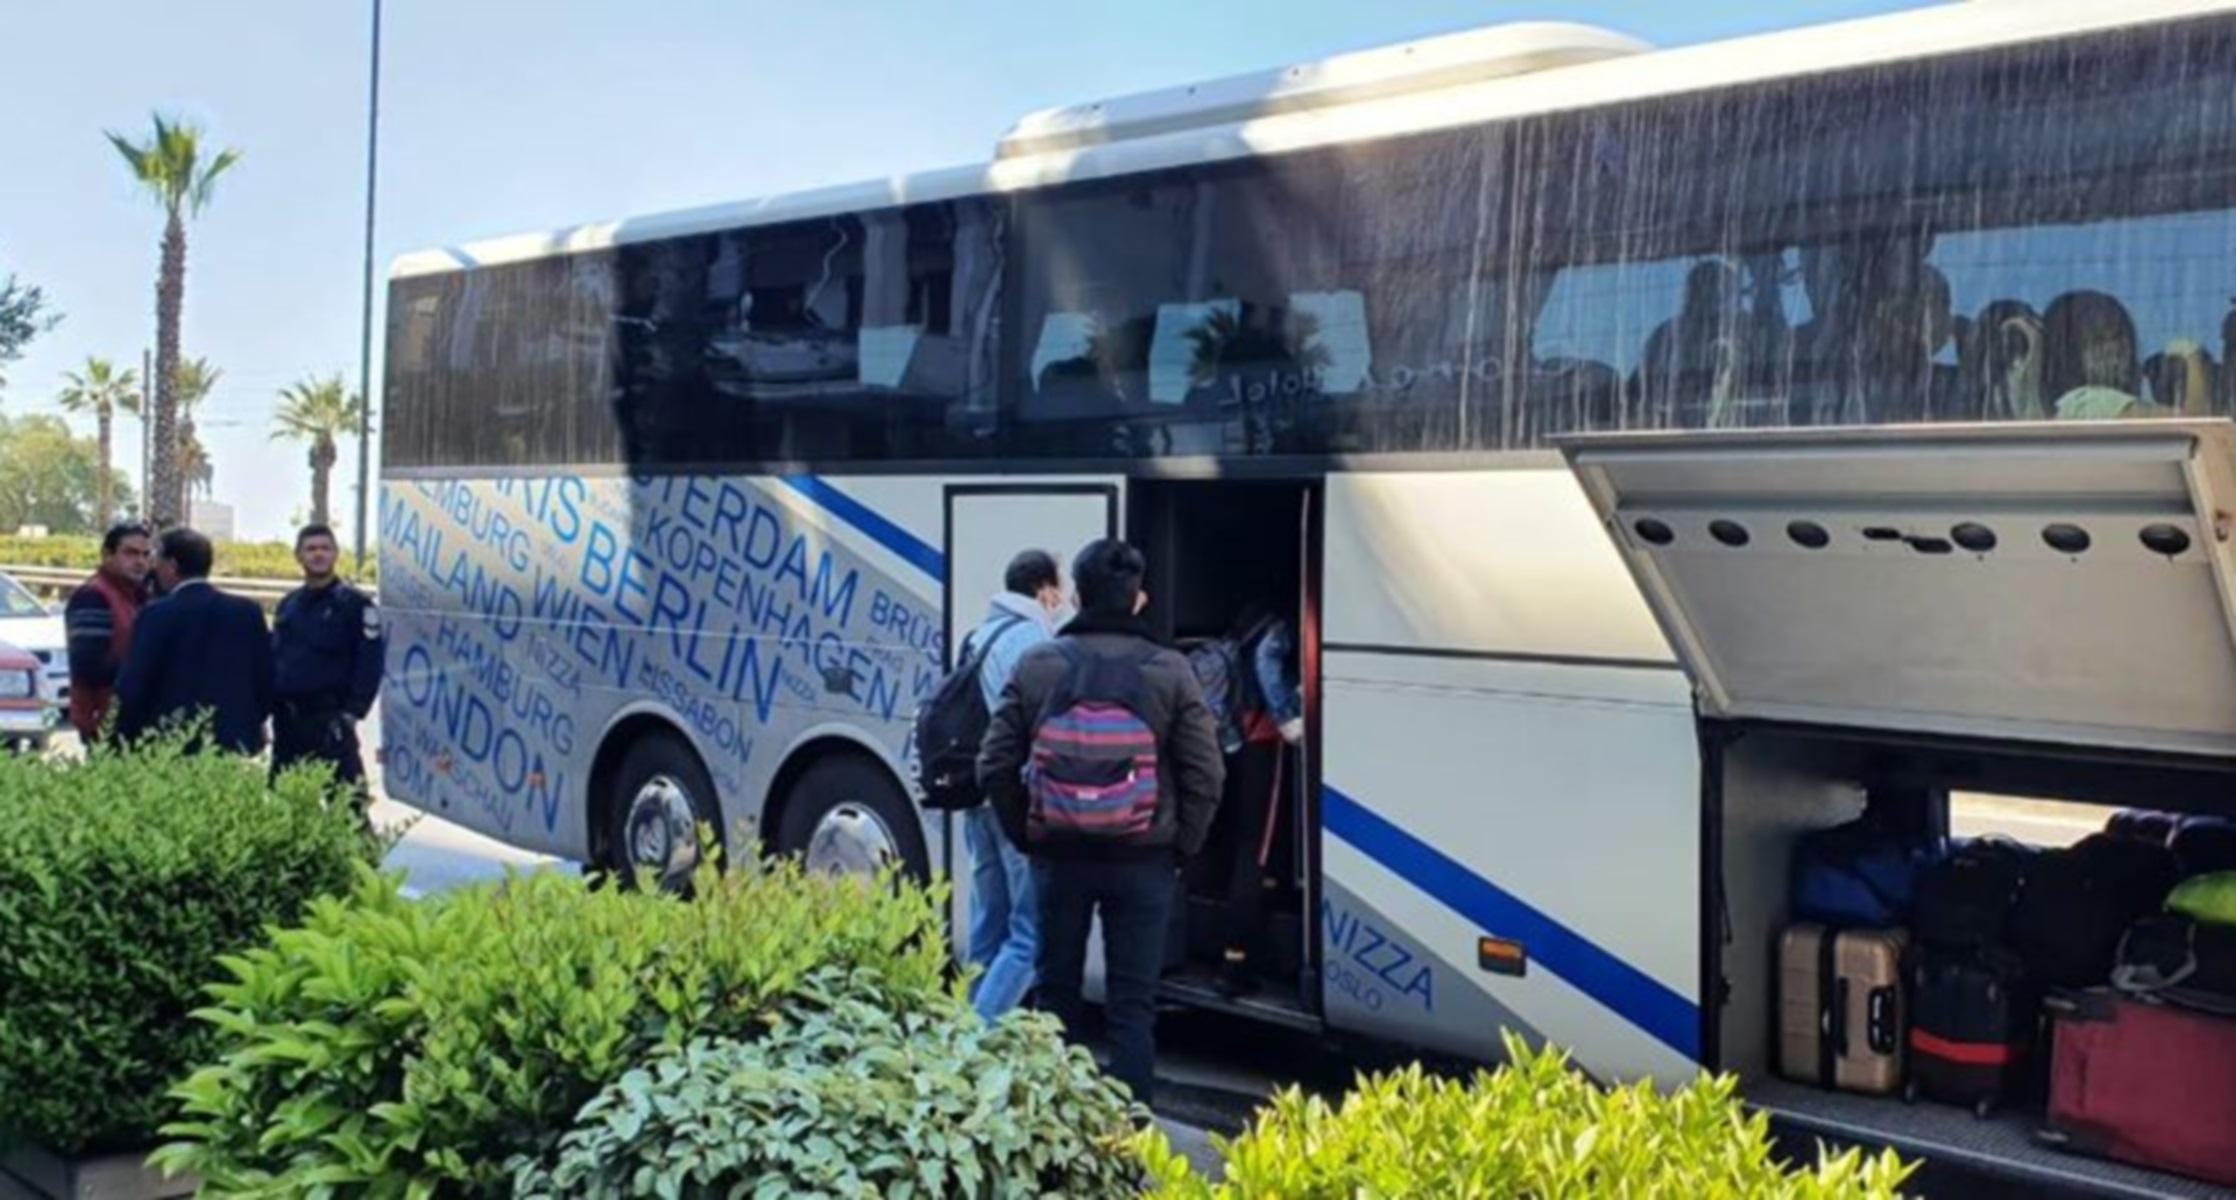 """Επέστρεψαν στην Τουρκία οι 160 επιβάτες του """"Ελευθέριος Βενιζέλος"""" που ήταν σε καραντίνα (pics)"""